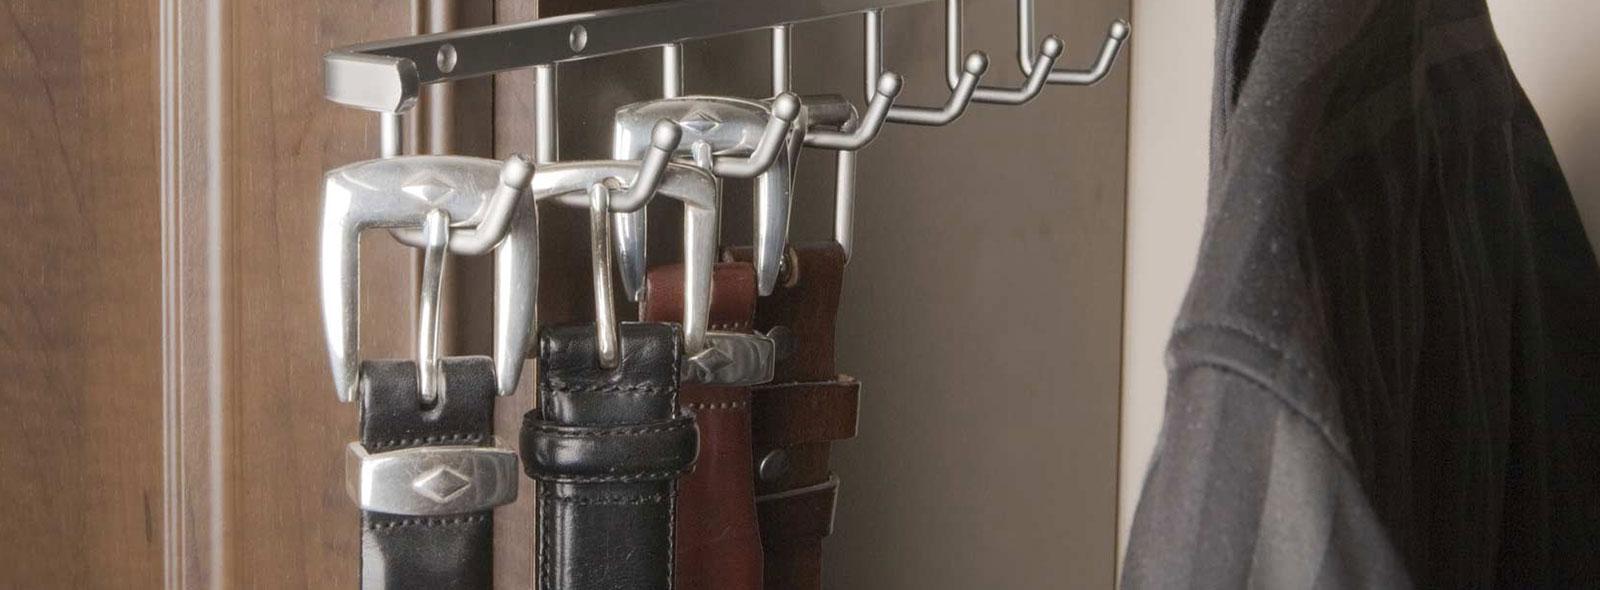 Belt Racks